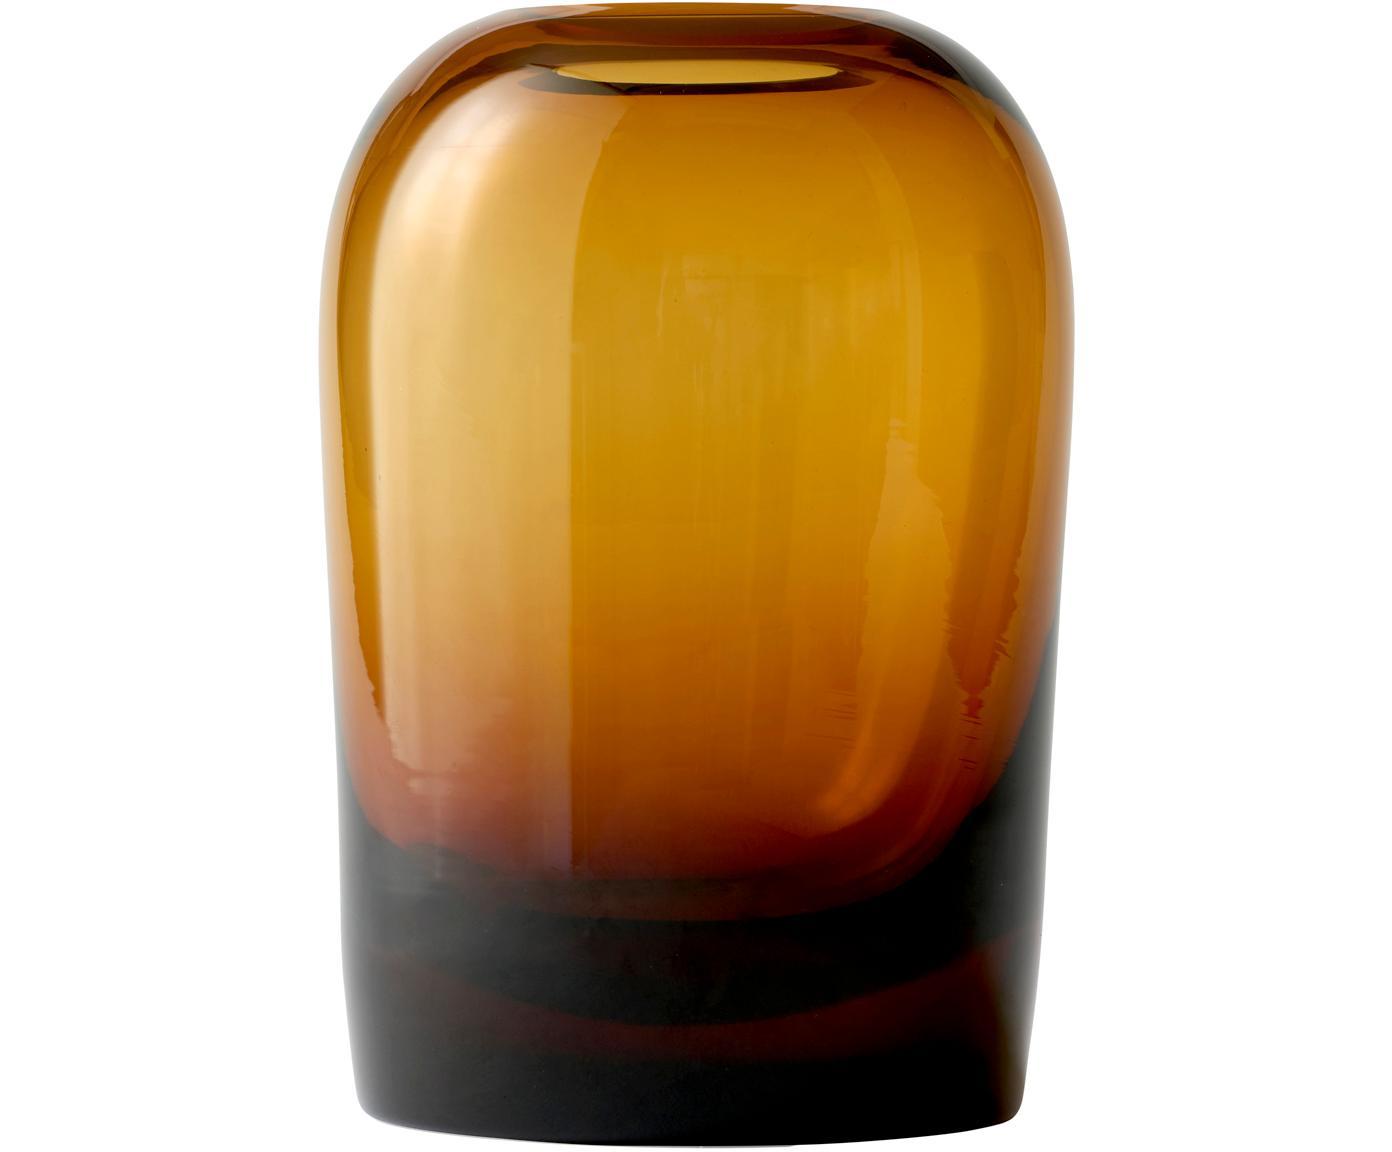 Mondgeblazen vaas Troll, Mondgeblazen glas, Amberkleurig, Ø 13 cm